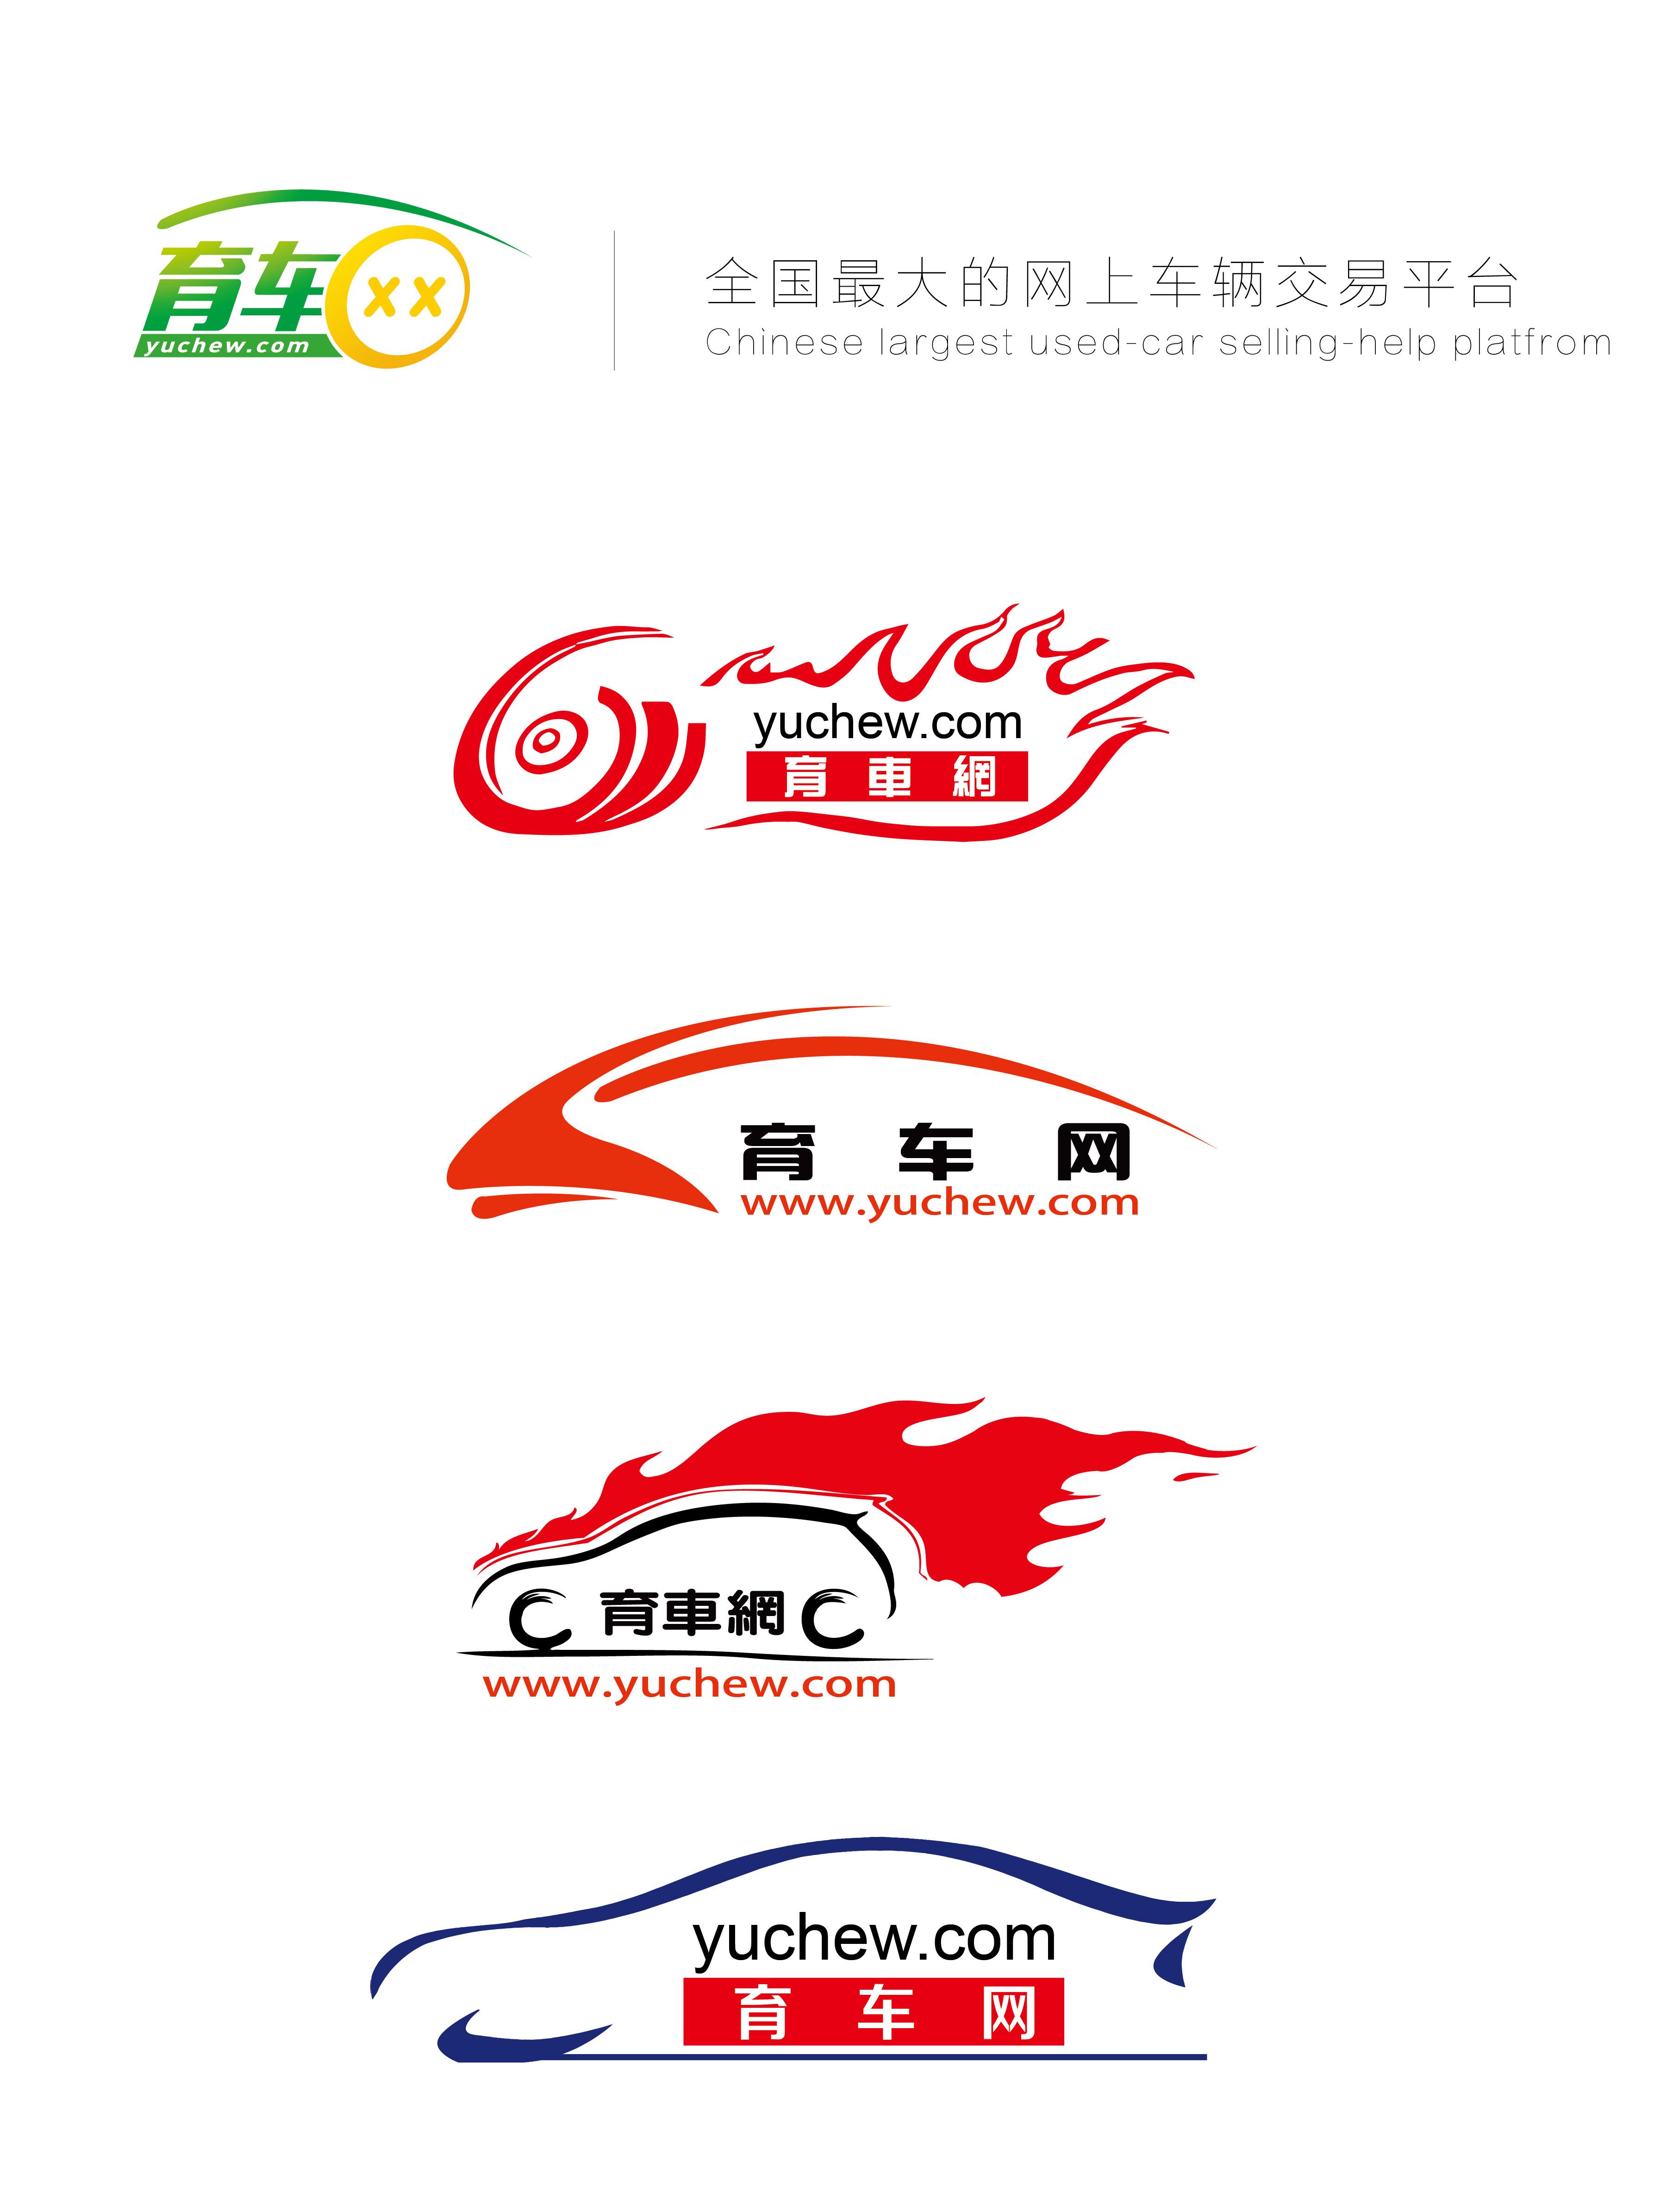 育车网logo设计